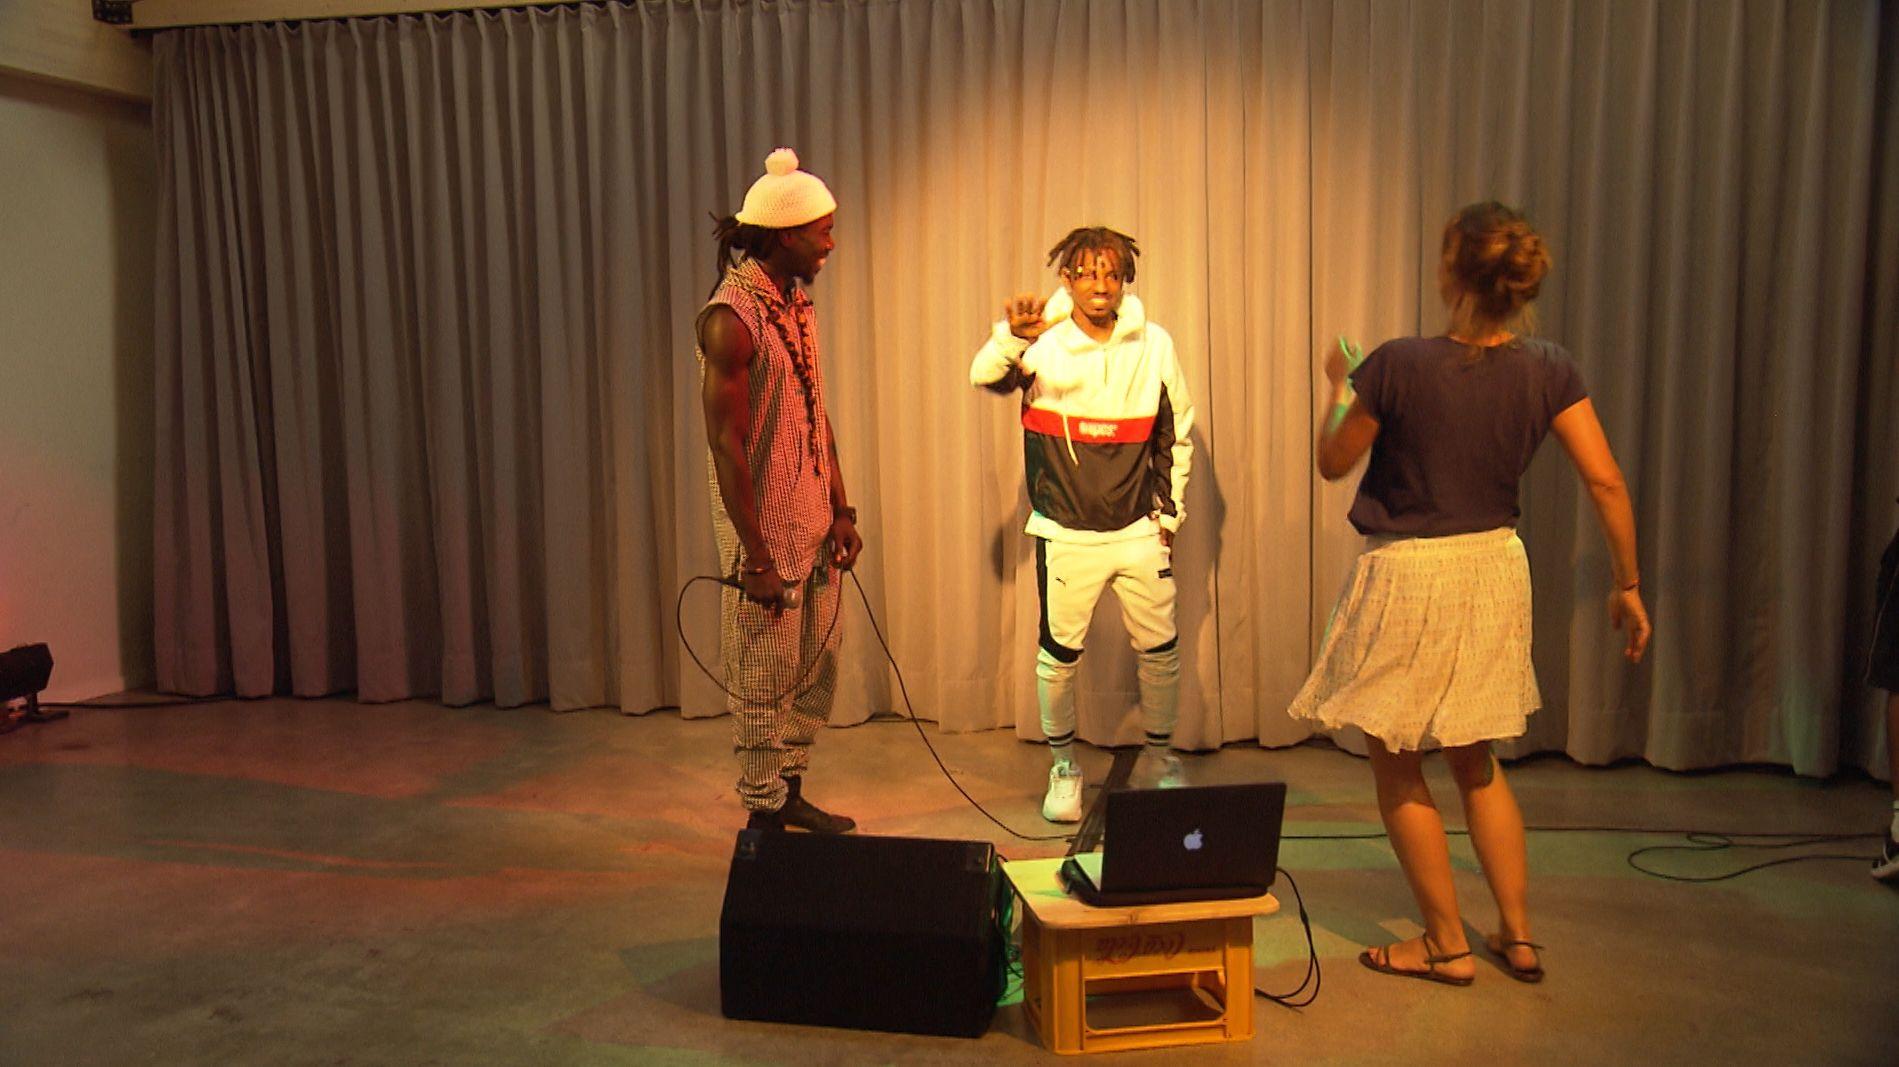 Zwei Flüchtlinge musizieren in der Musikwerkstatt, einem Angebot von Refugio e.V. in München